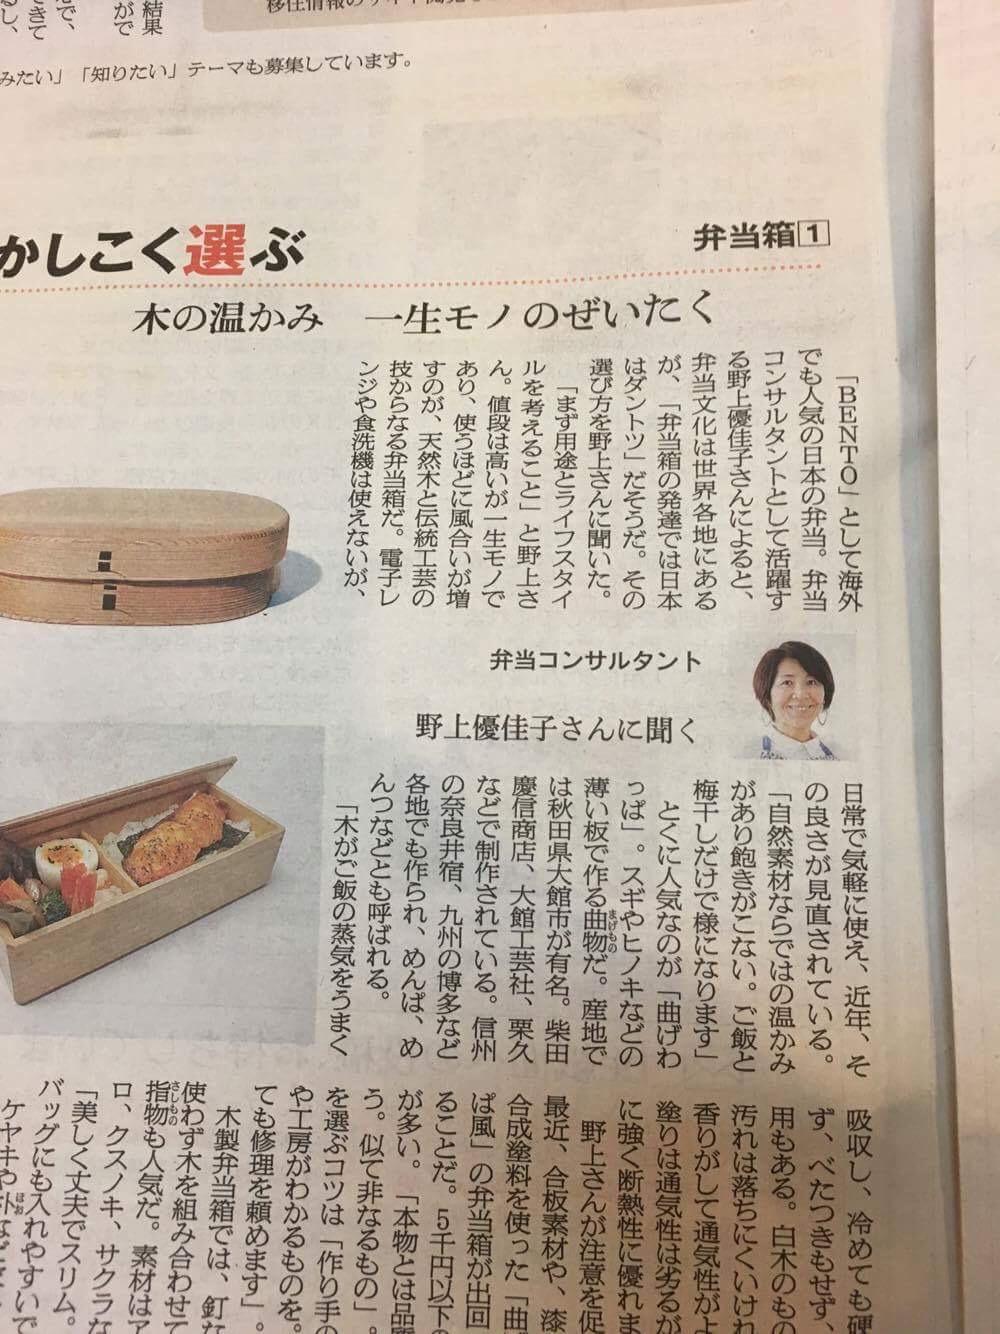 【新聞】朝日新聞be「かしこく選ぶ 買い物指南」(4/22号)